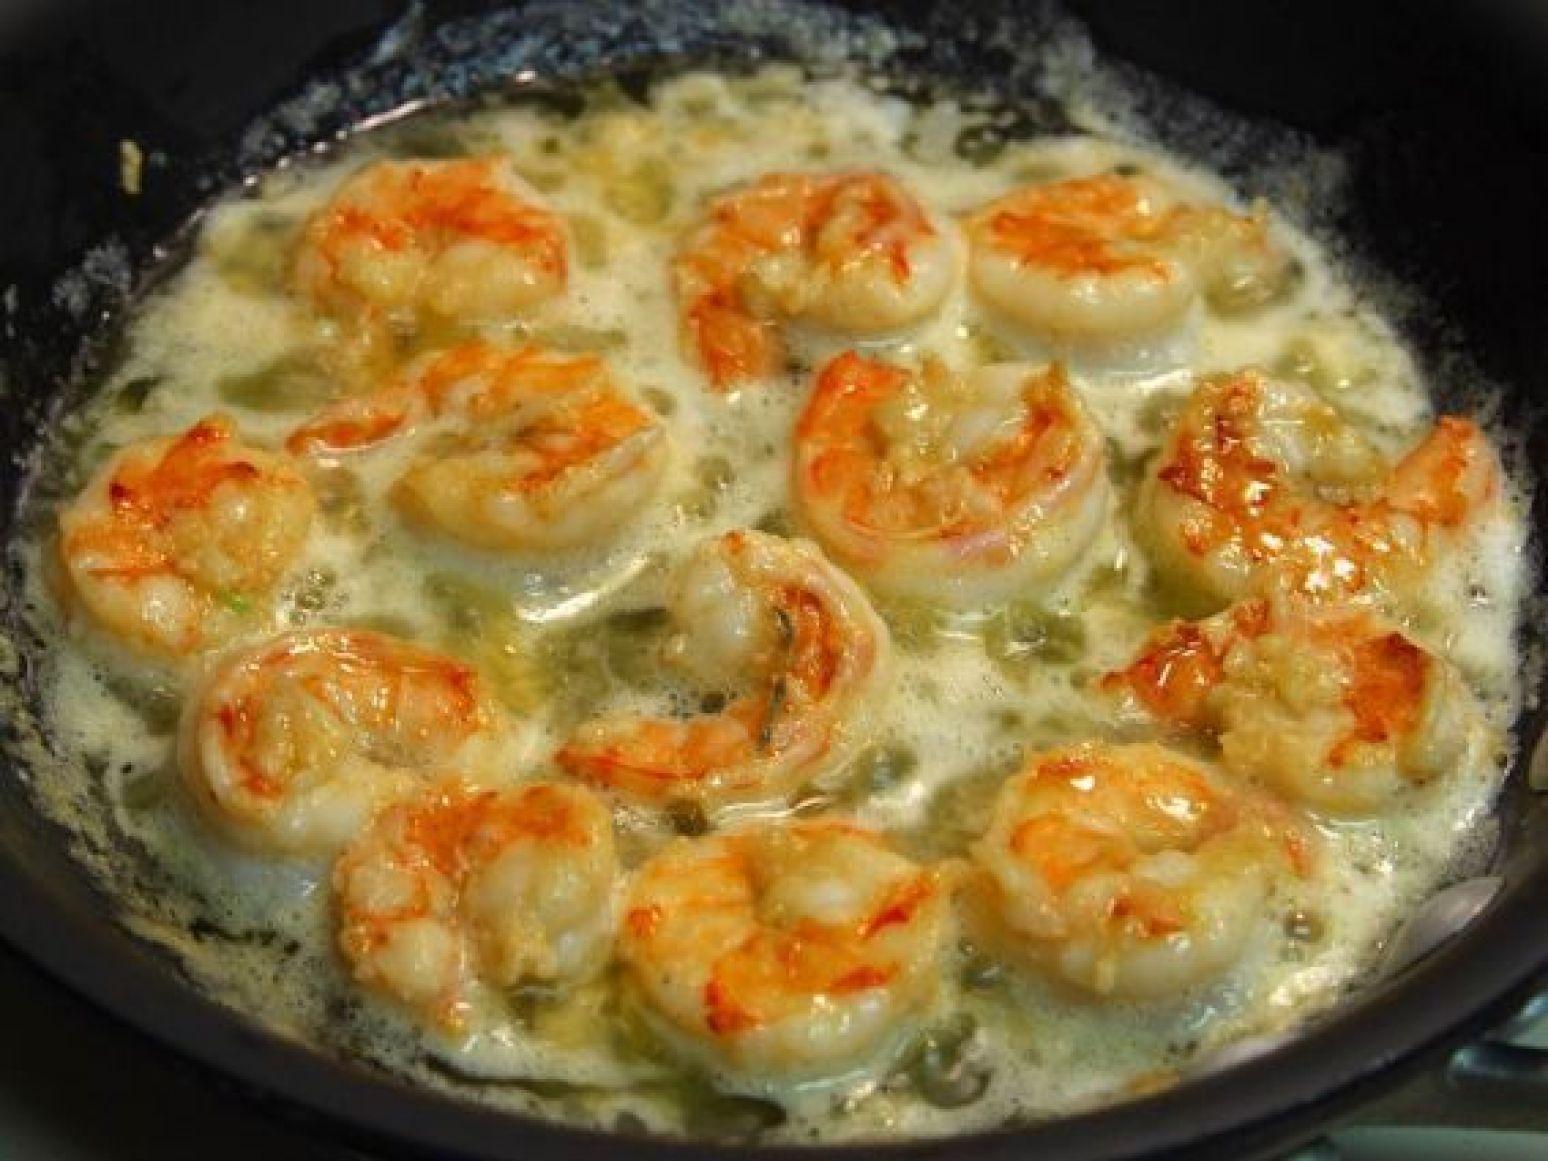 Shrimp Scampi Recipe 5 | Just A Pinch Recipes